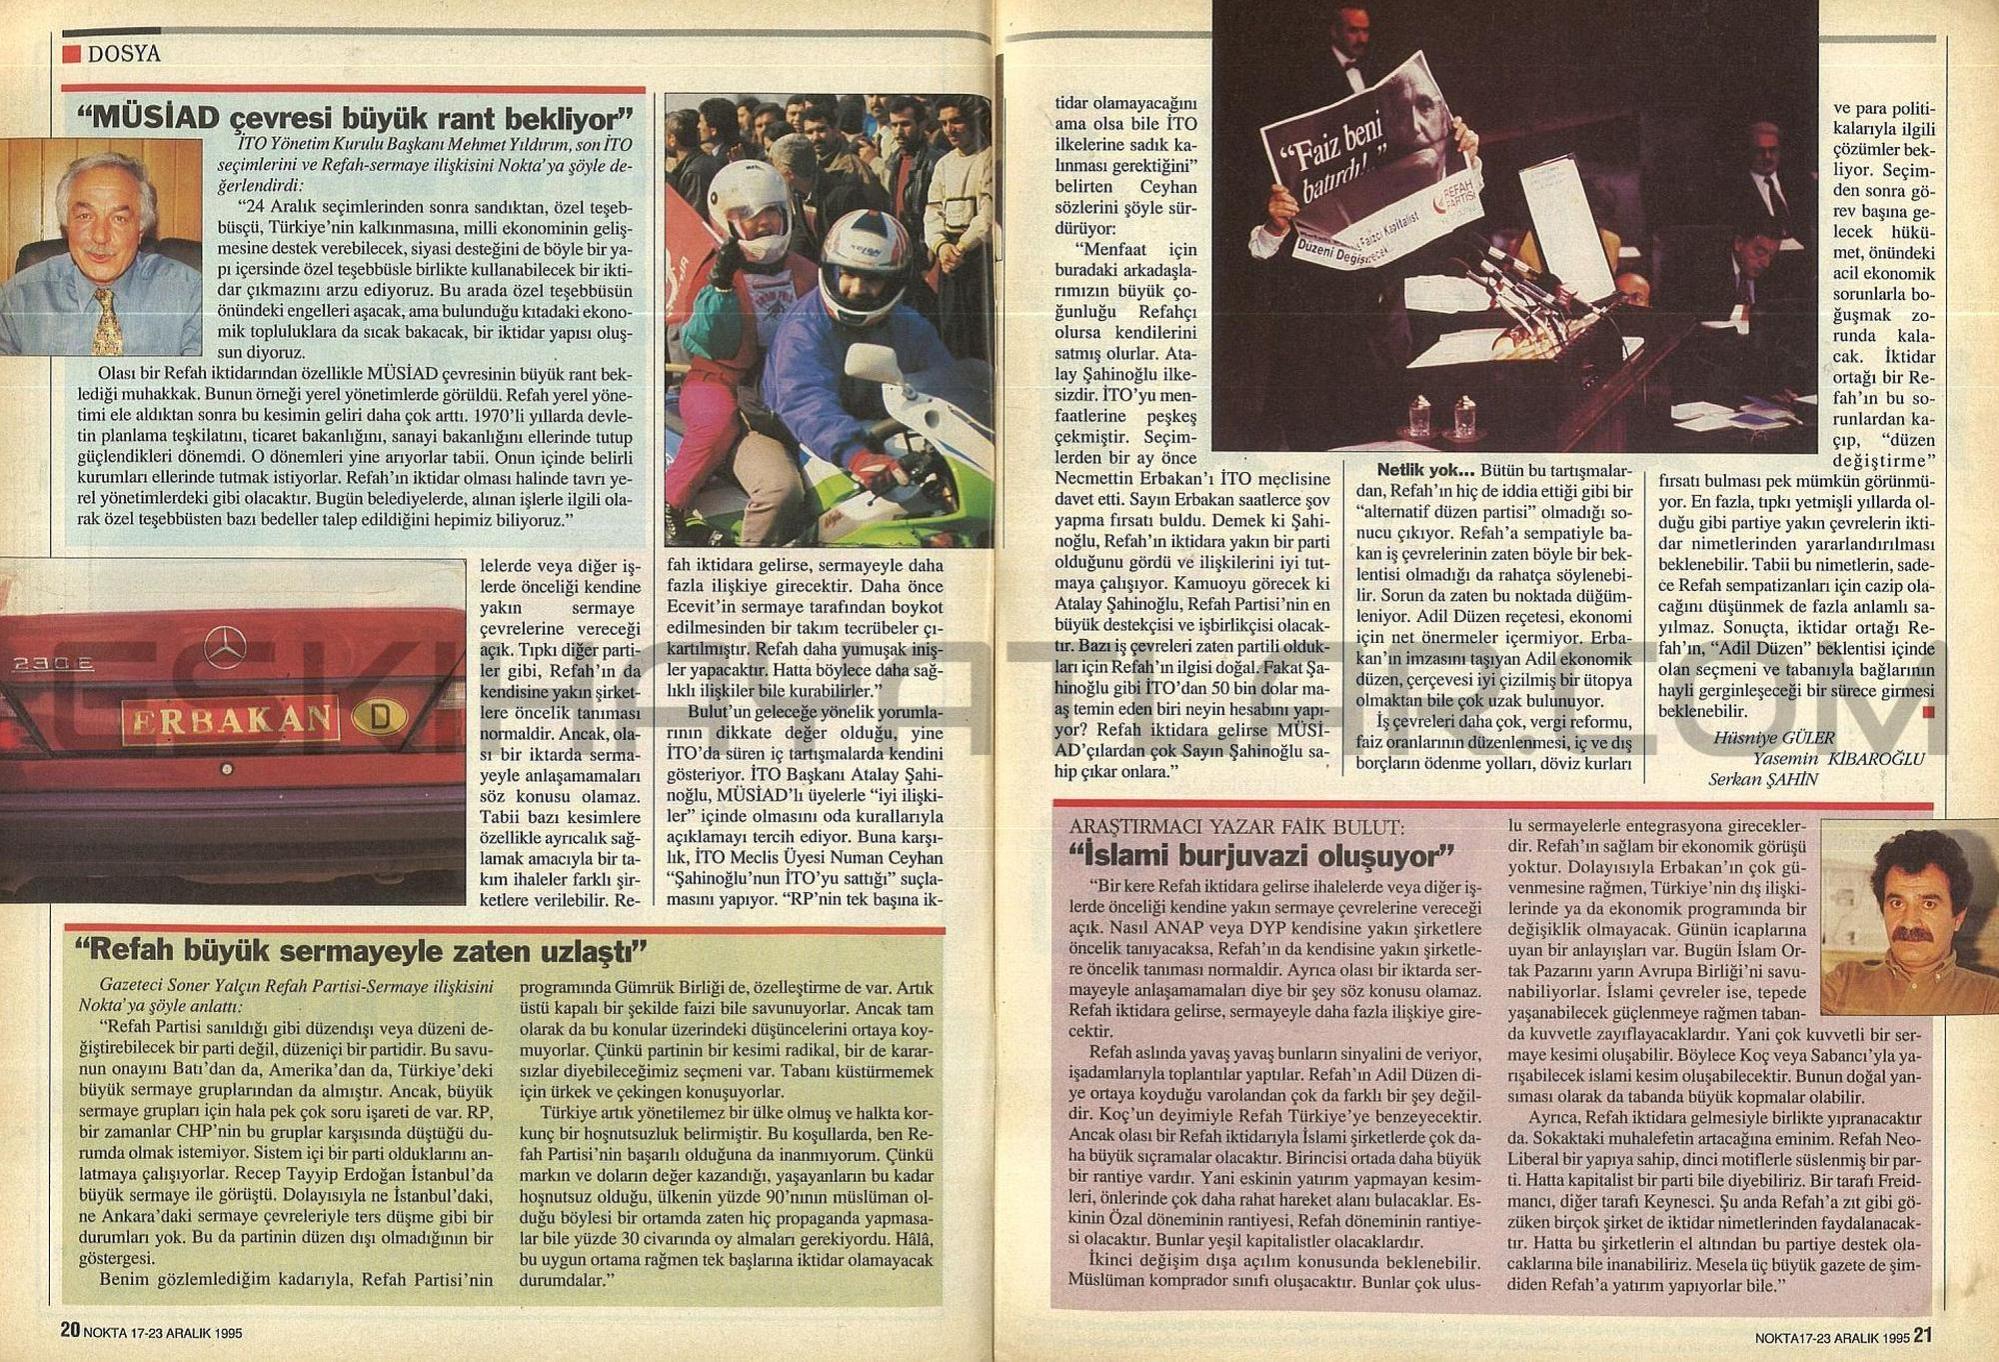 refah-partisi-1995-yilinda-secimleri-nasil-kazandi-necmettin-erbakan-tayyip-erdogan (8)